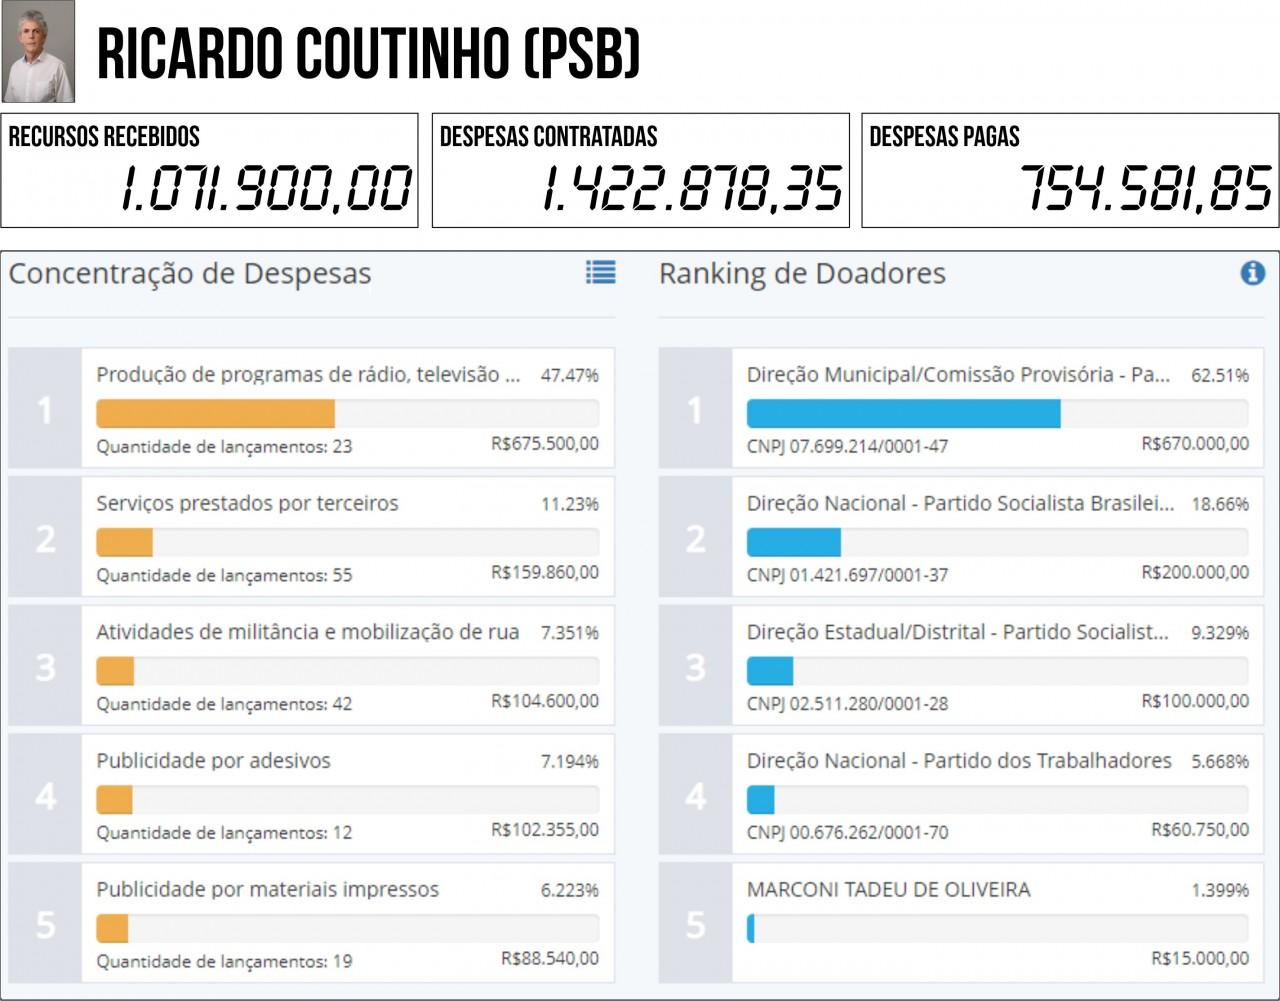 RICARDO COUTINHO PSB - 2ª PRESTAÇÃO DE CONTAS: Seis candidatos à PMJP gastaram mais do que arrecadaram - VEJA QUEM SÃO